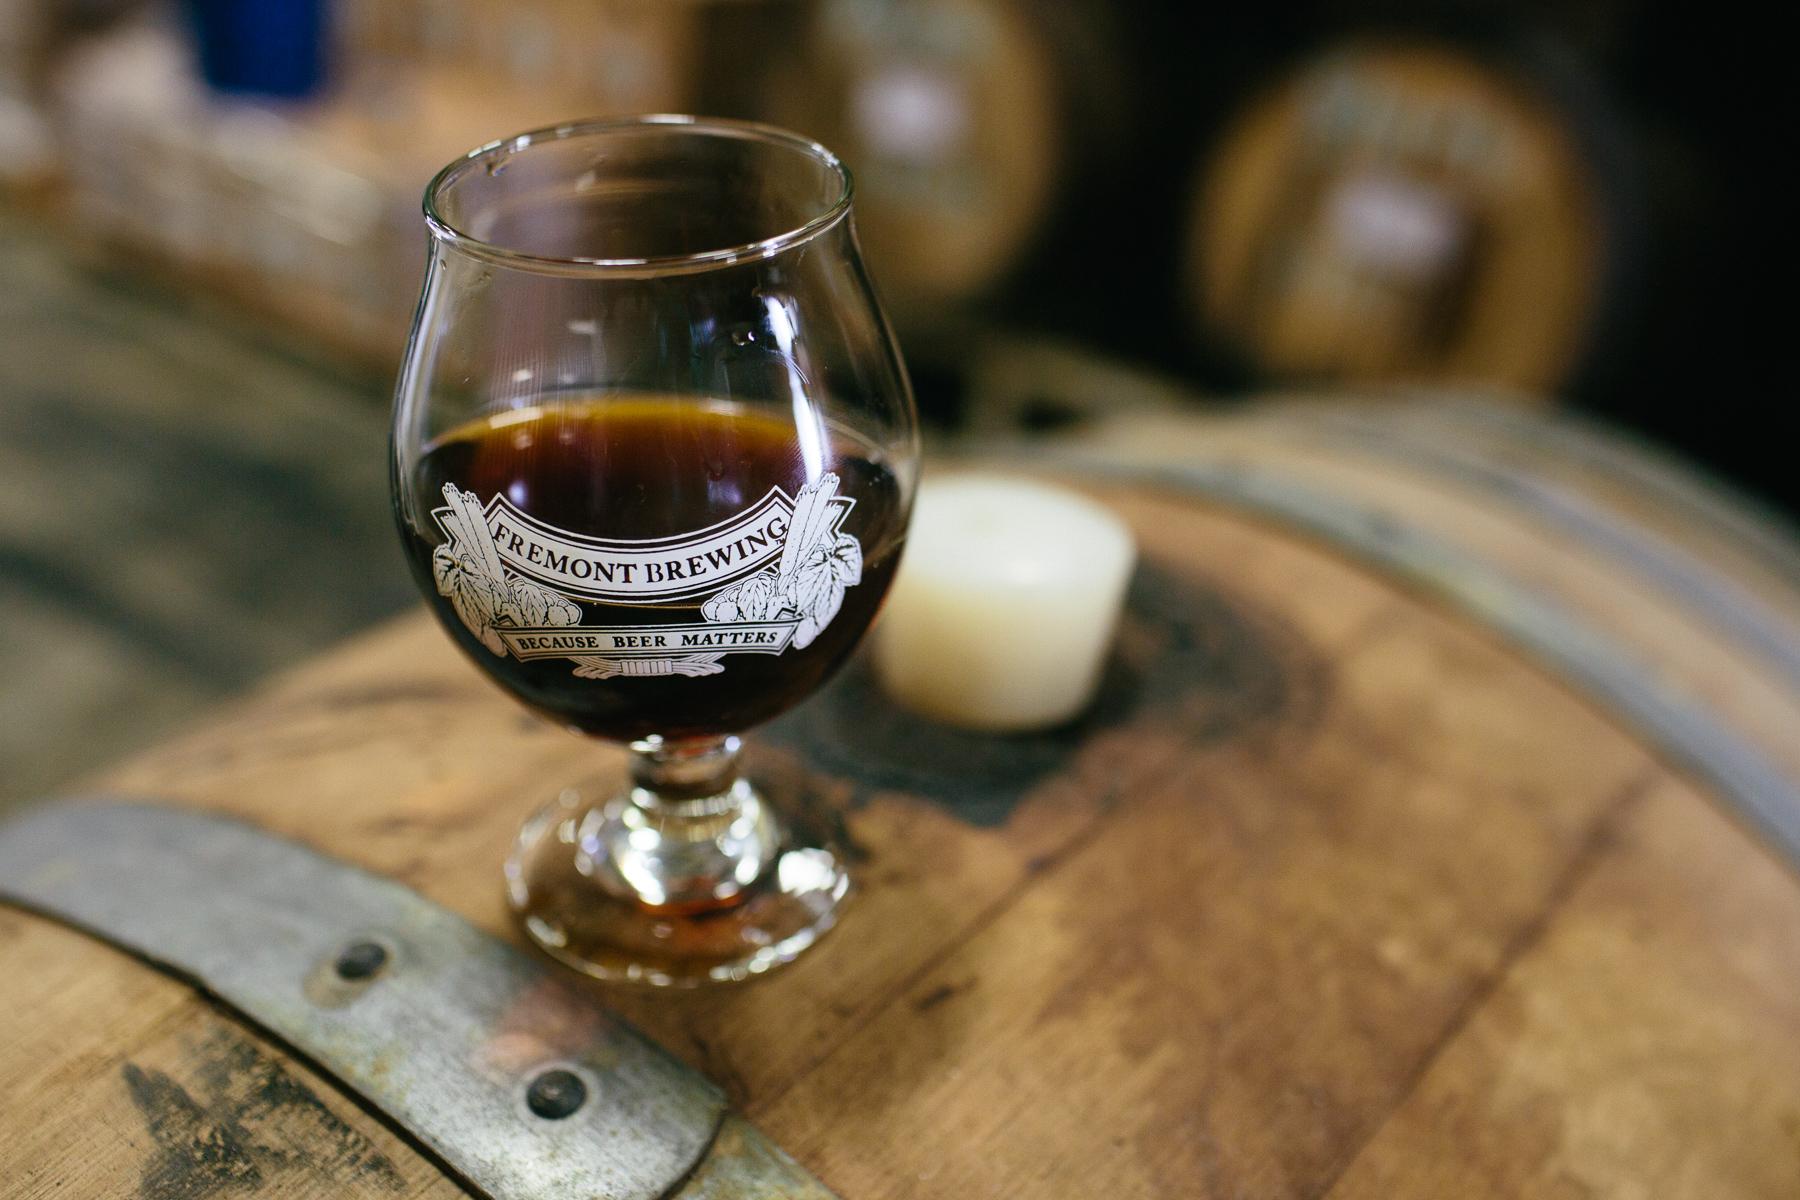 Fremont Brewing bourbon barrel beer